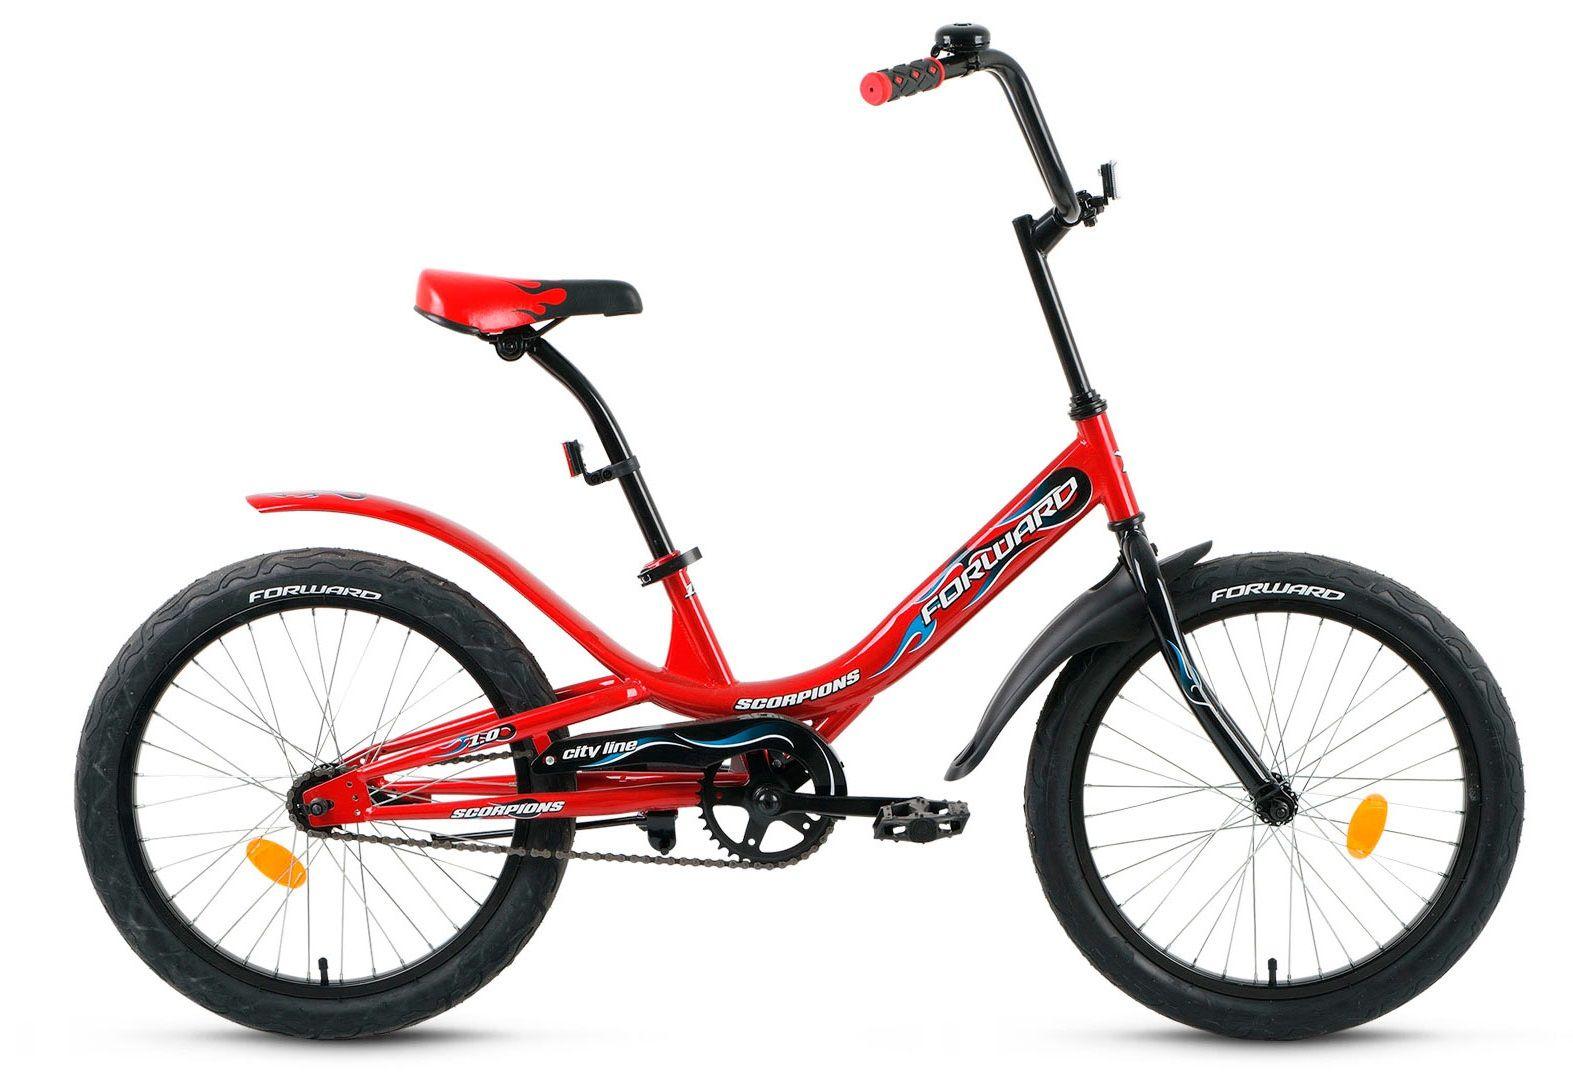 Велосипед Forward Scorpions 1.0 2018 citilux спот citilux винон cl519524 puxp z2q